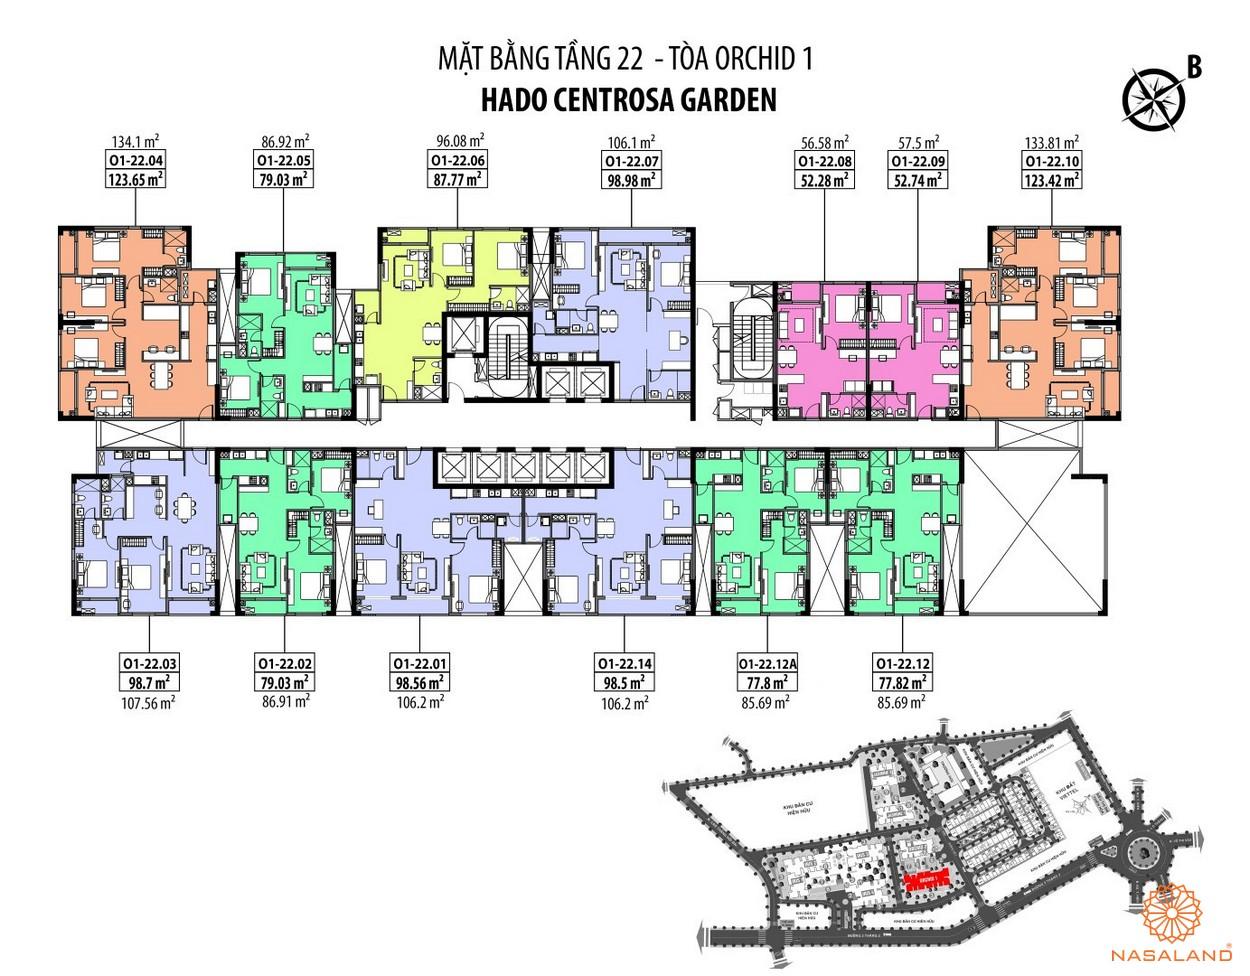 Mặt bằng Hà Đô Centrosa căn hộ tằng 22 - tòa Orchid 1